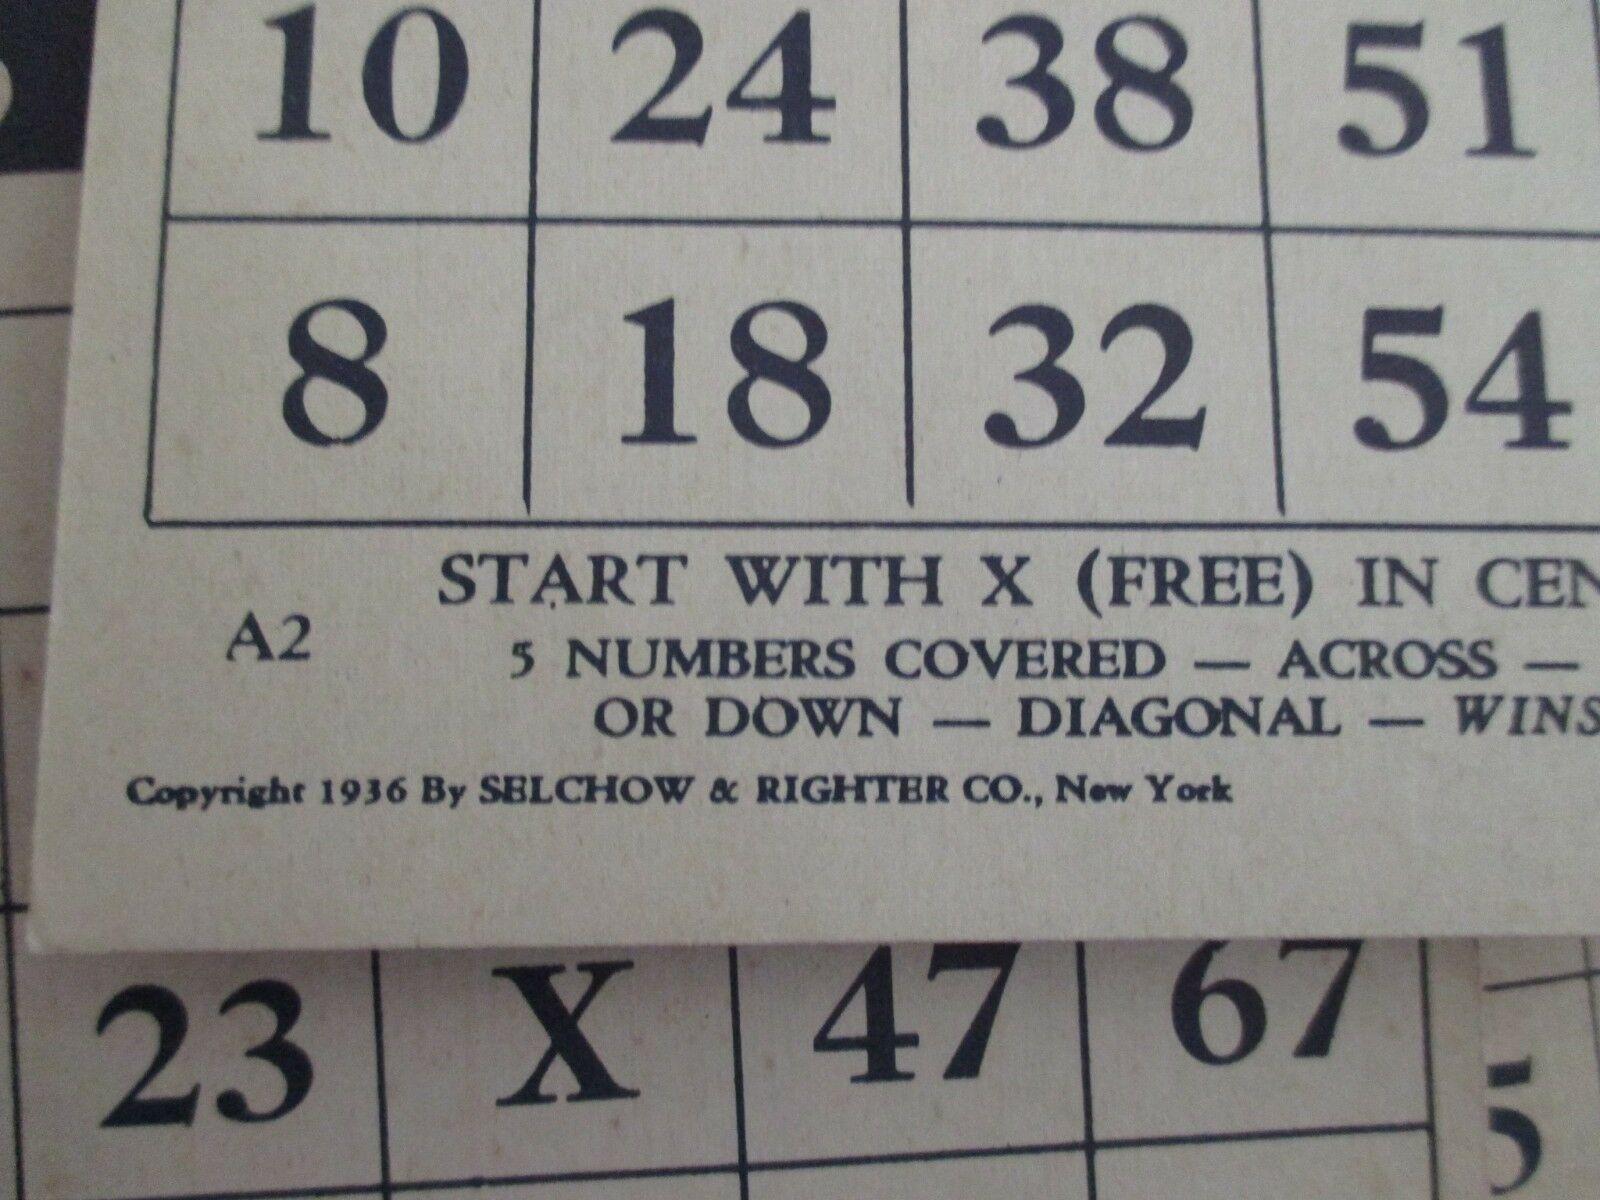 Vintage Bingo Game in Box, J. Pressman Co., New York image 6